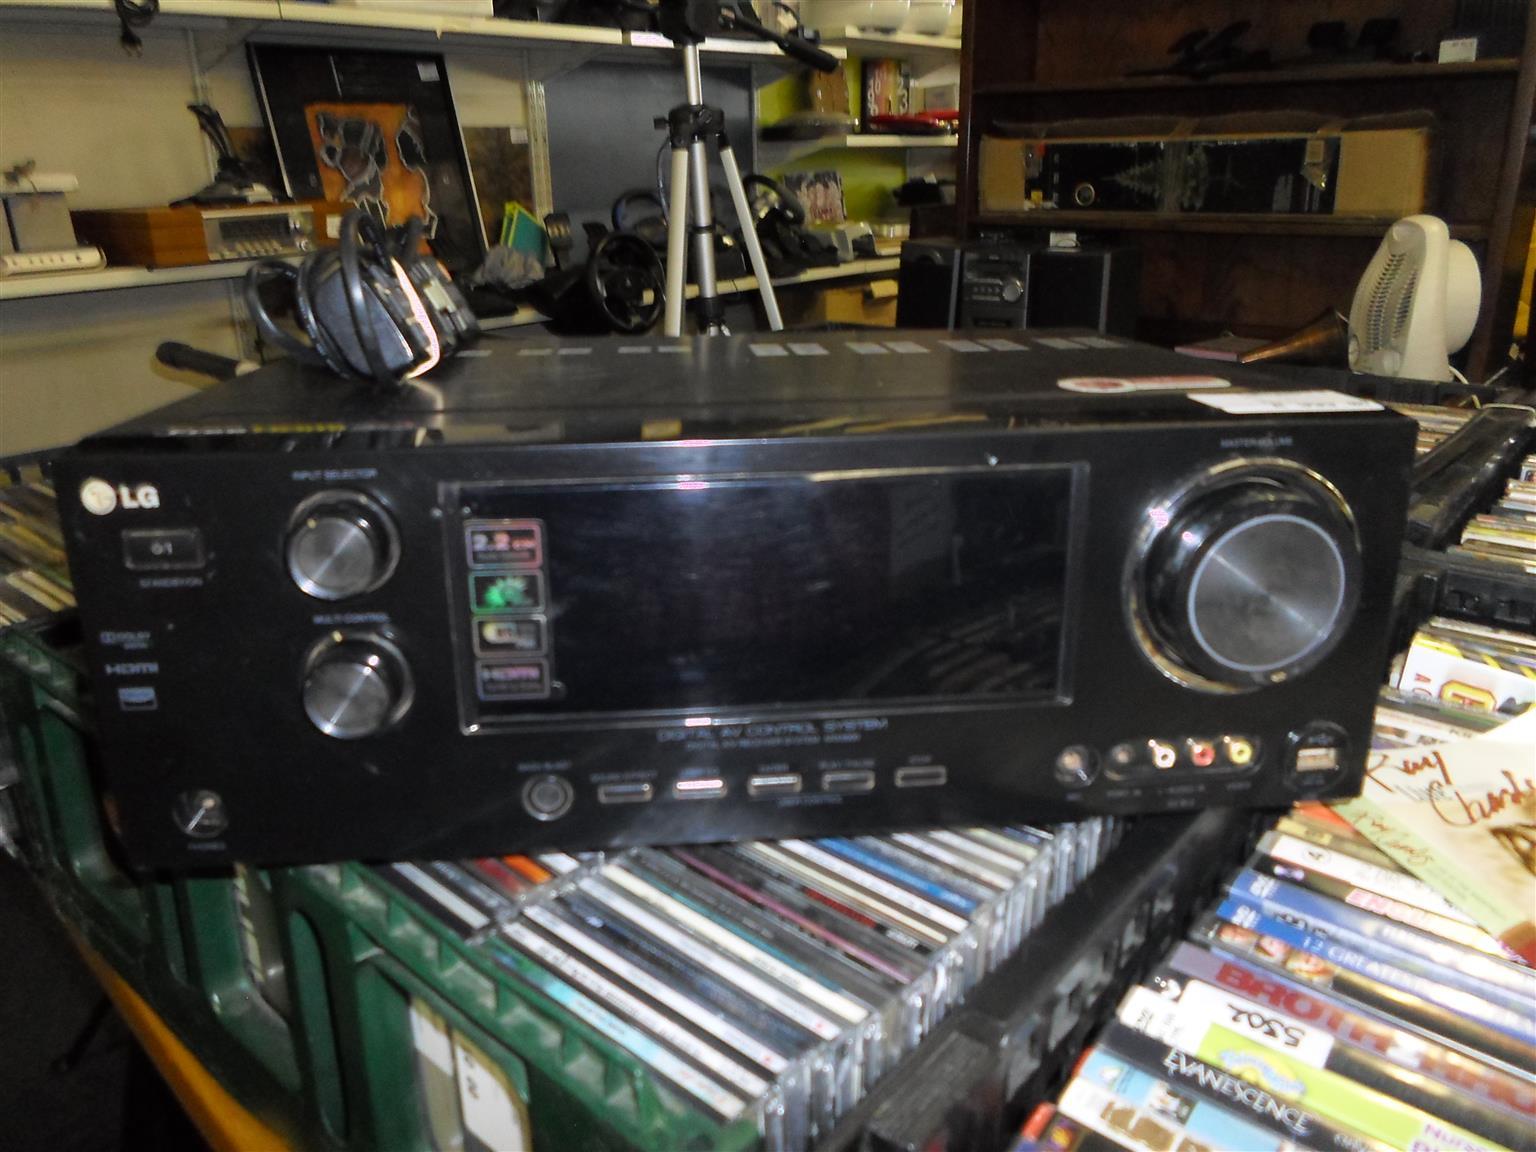 2.2Channel LG Amplifier